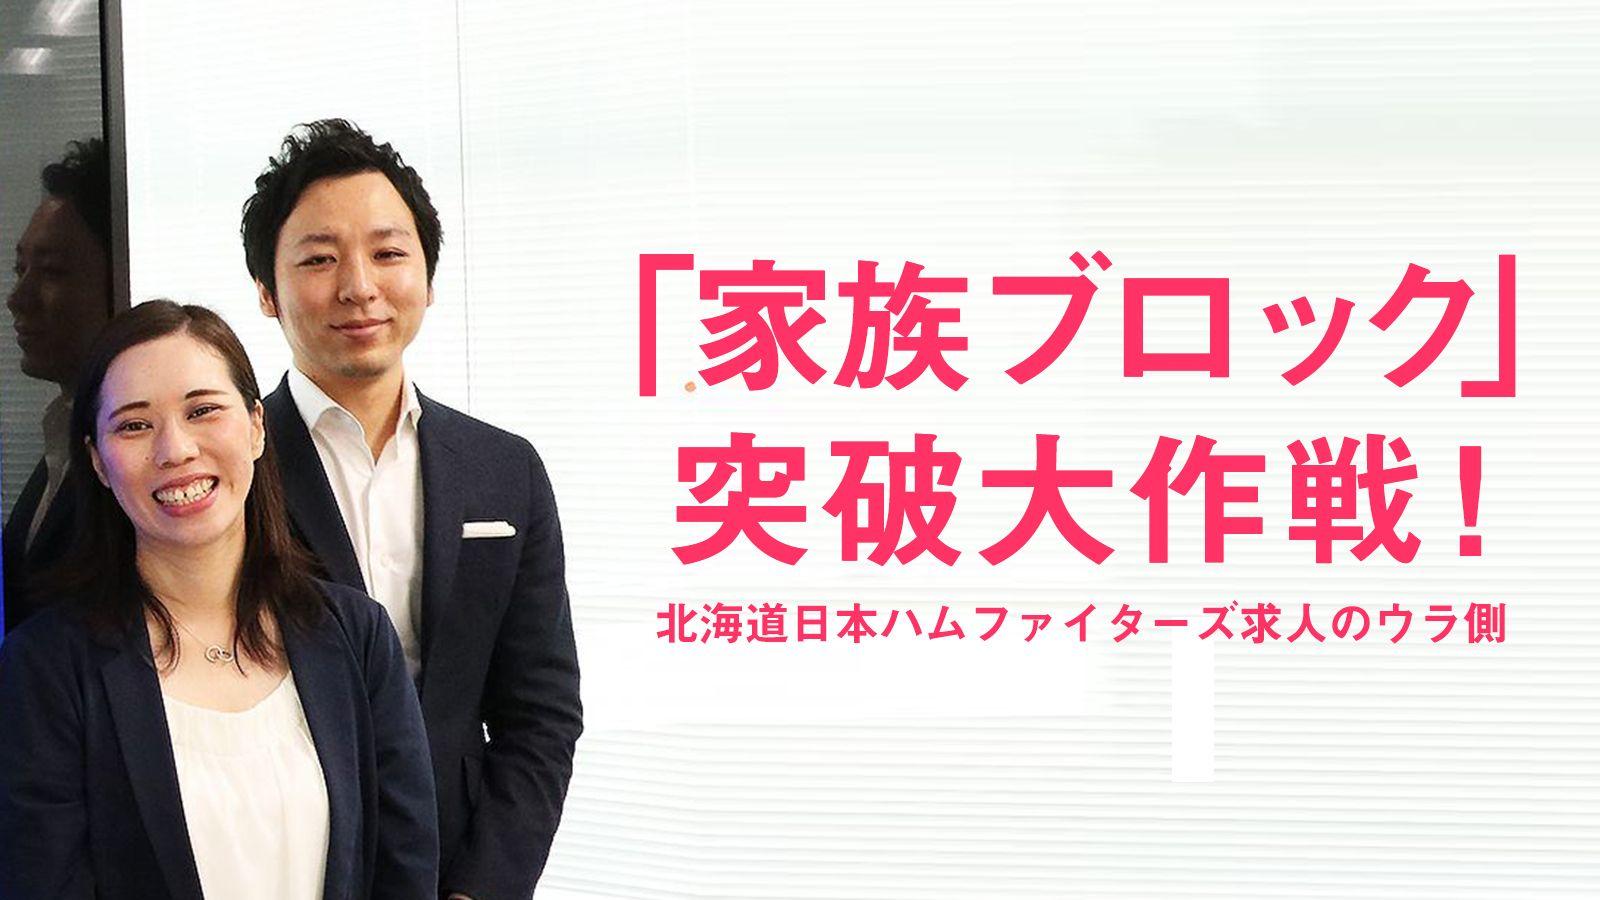 応募5000名超、北海道日本ハムファイターズ求人のウラ側